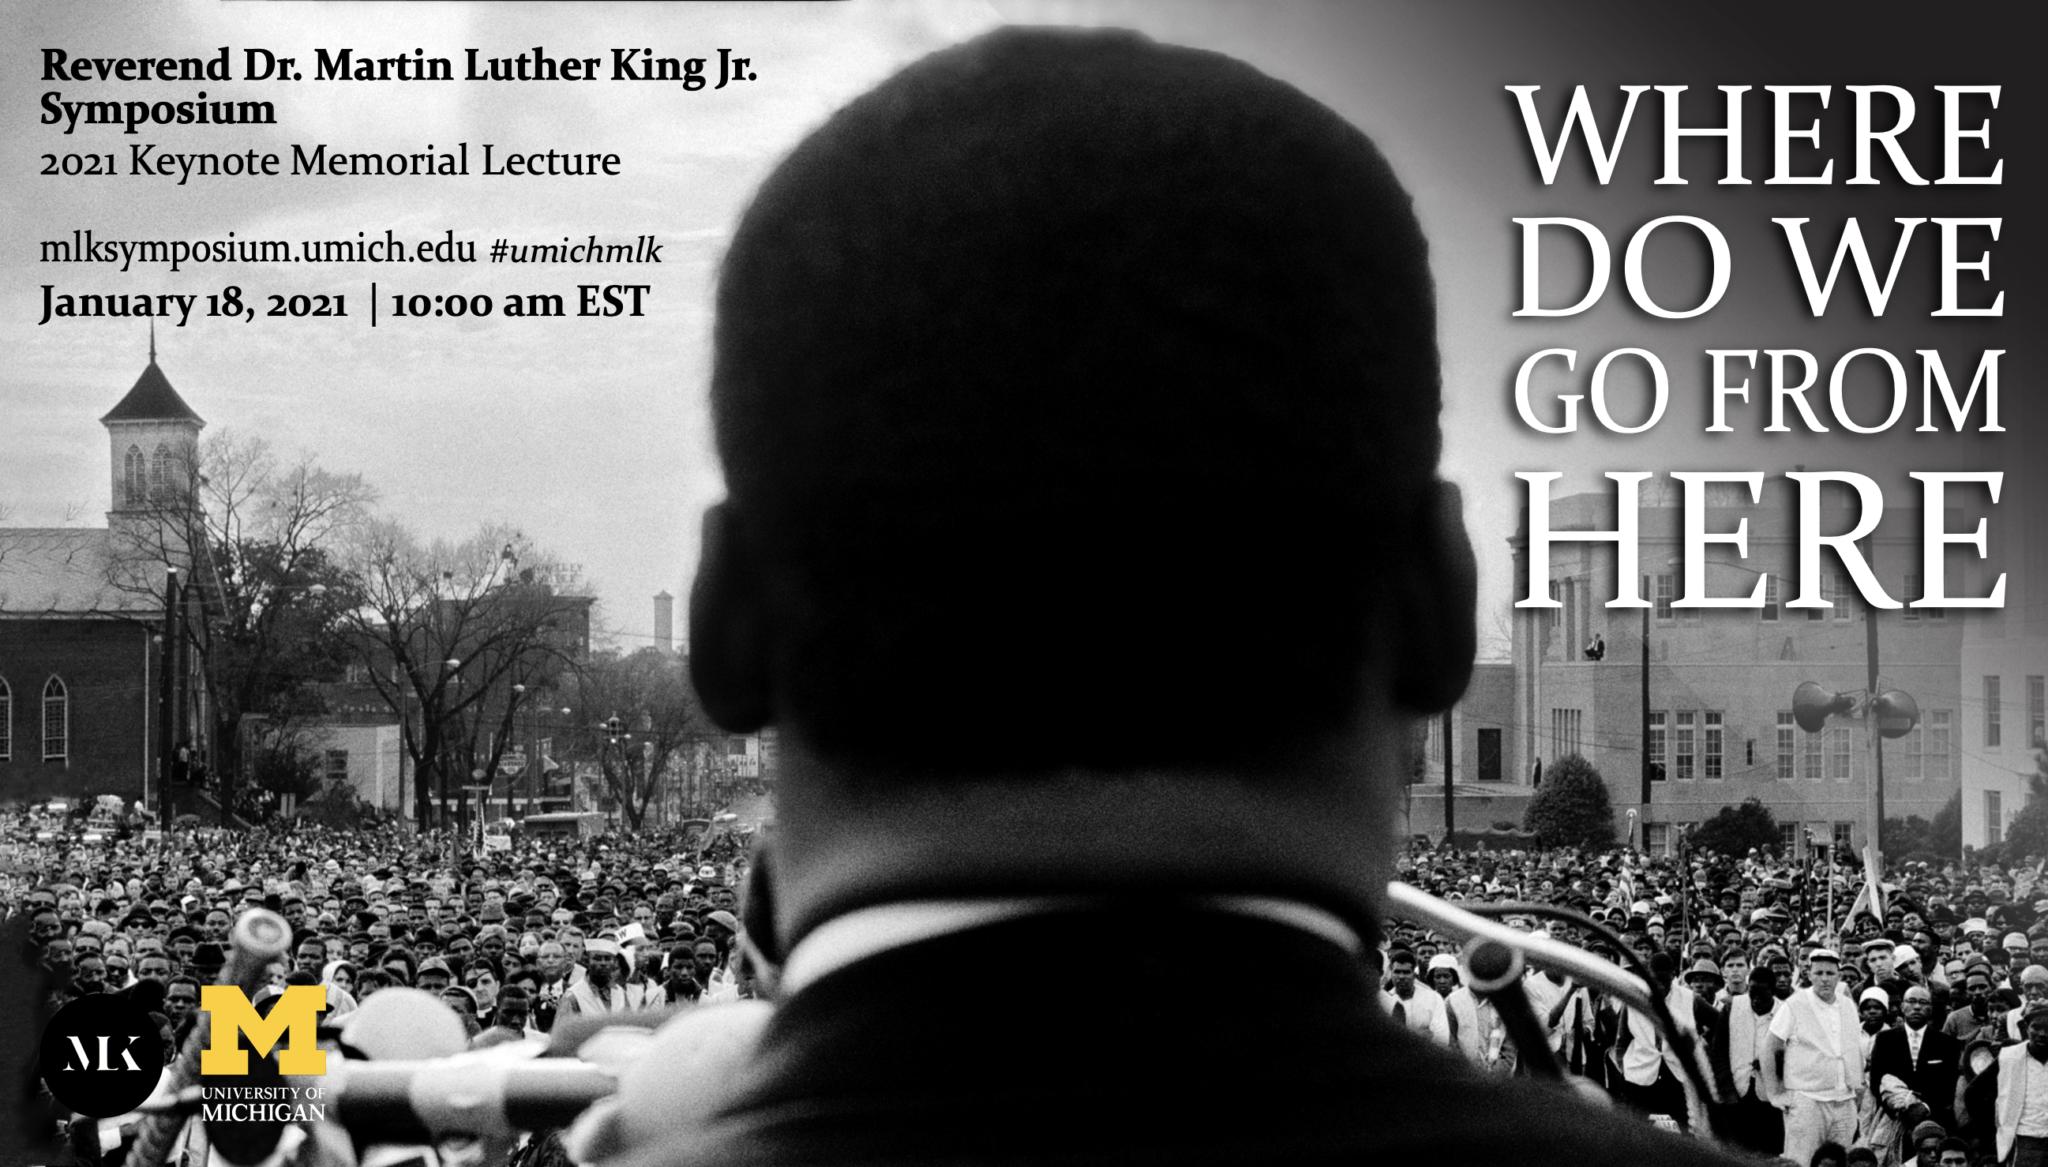 MLK Symposium 2021 Memorial Keynote Lecture